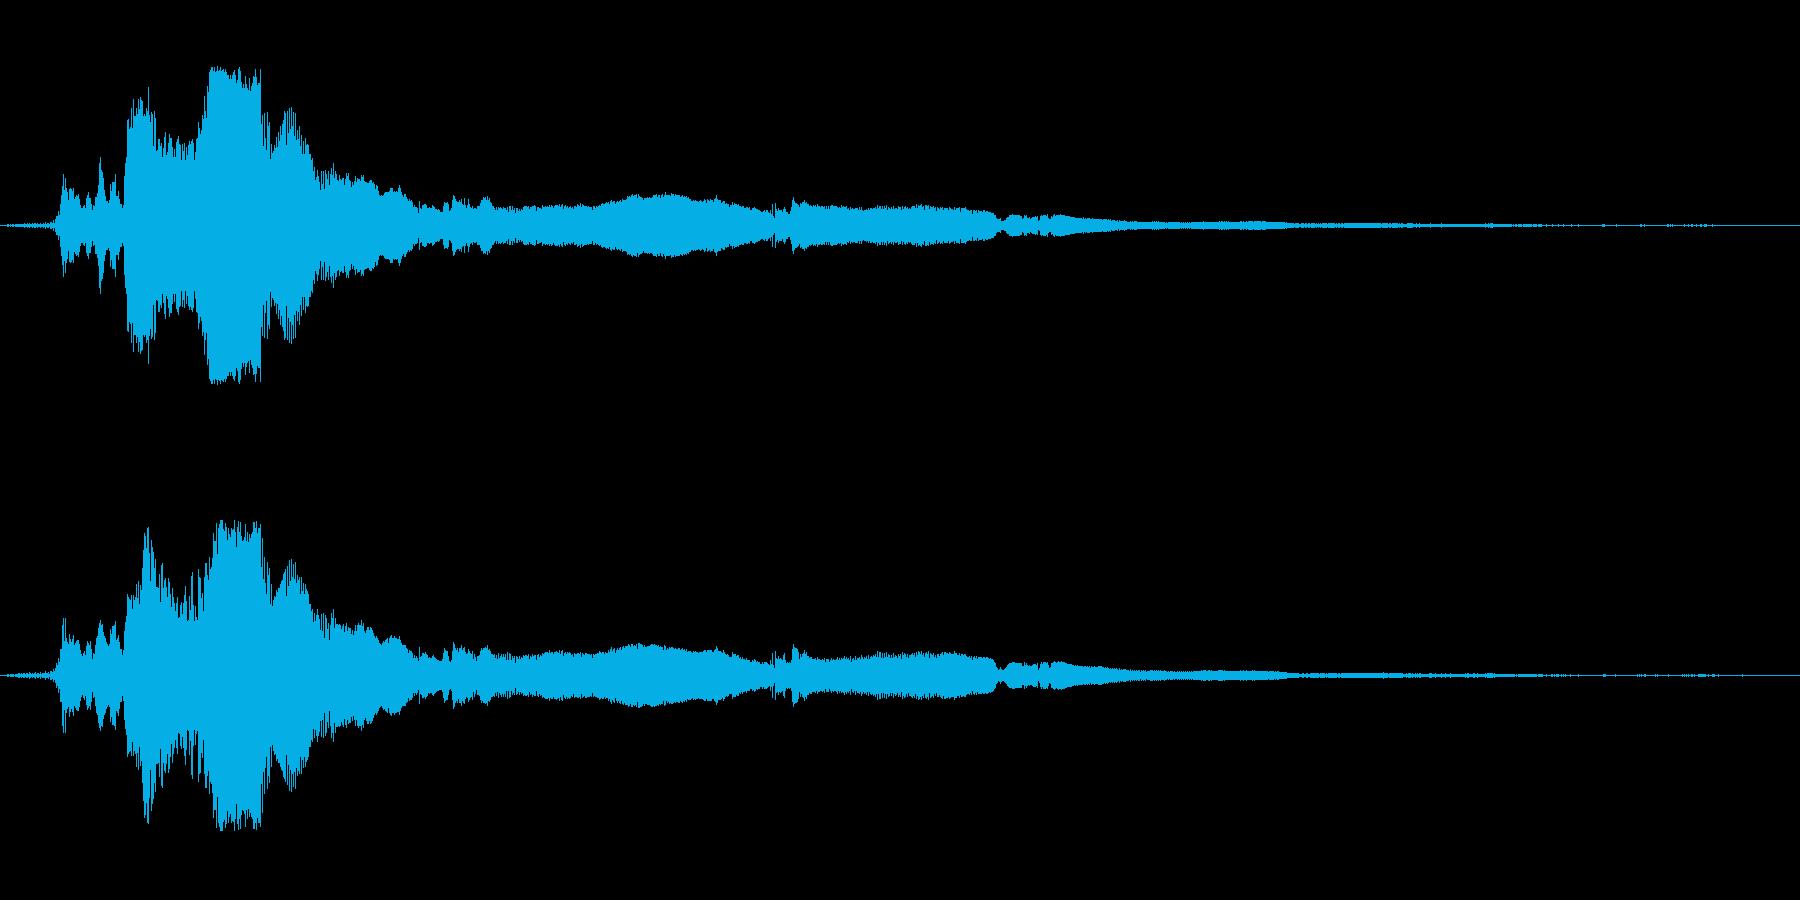 Integraクイック回転、ピール...の再生済みの波形